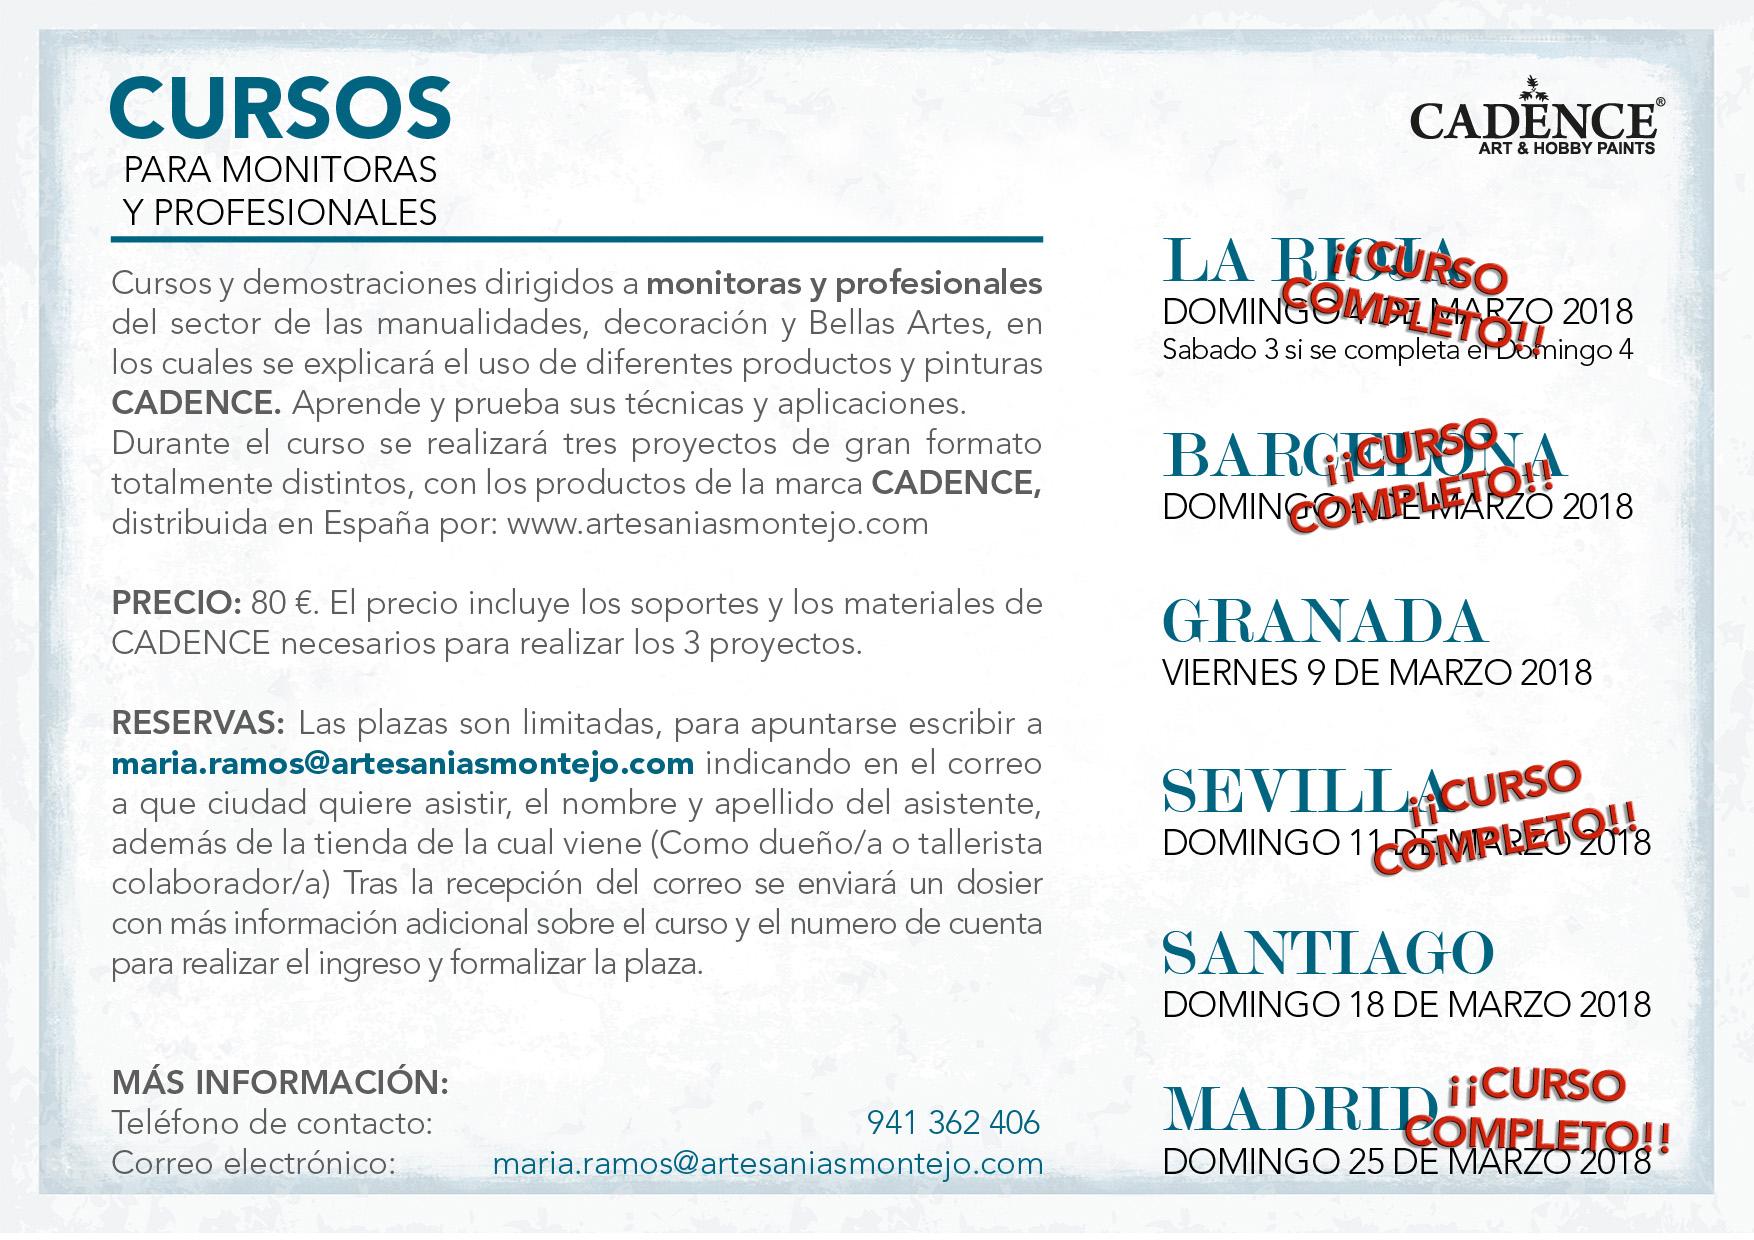 Cursos Cadence Para Profesionales 2018 Blog De Artesan As Montejo ~ Cursos De Manualidades En Madrid